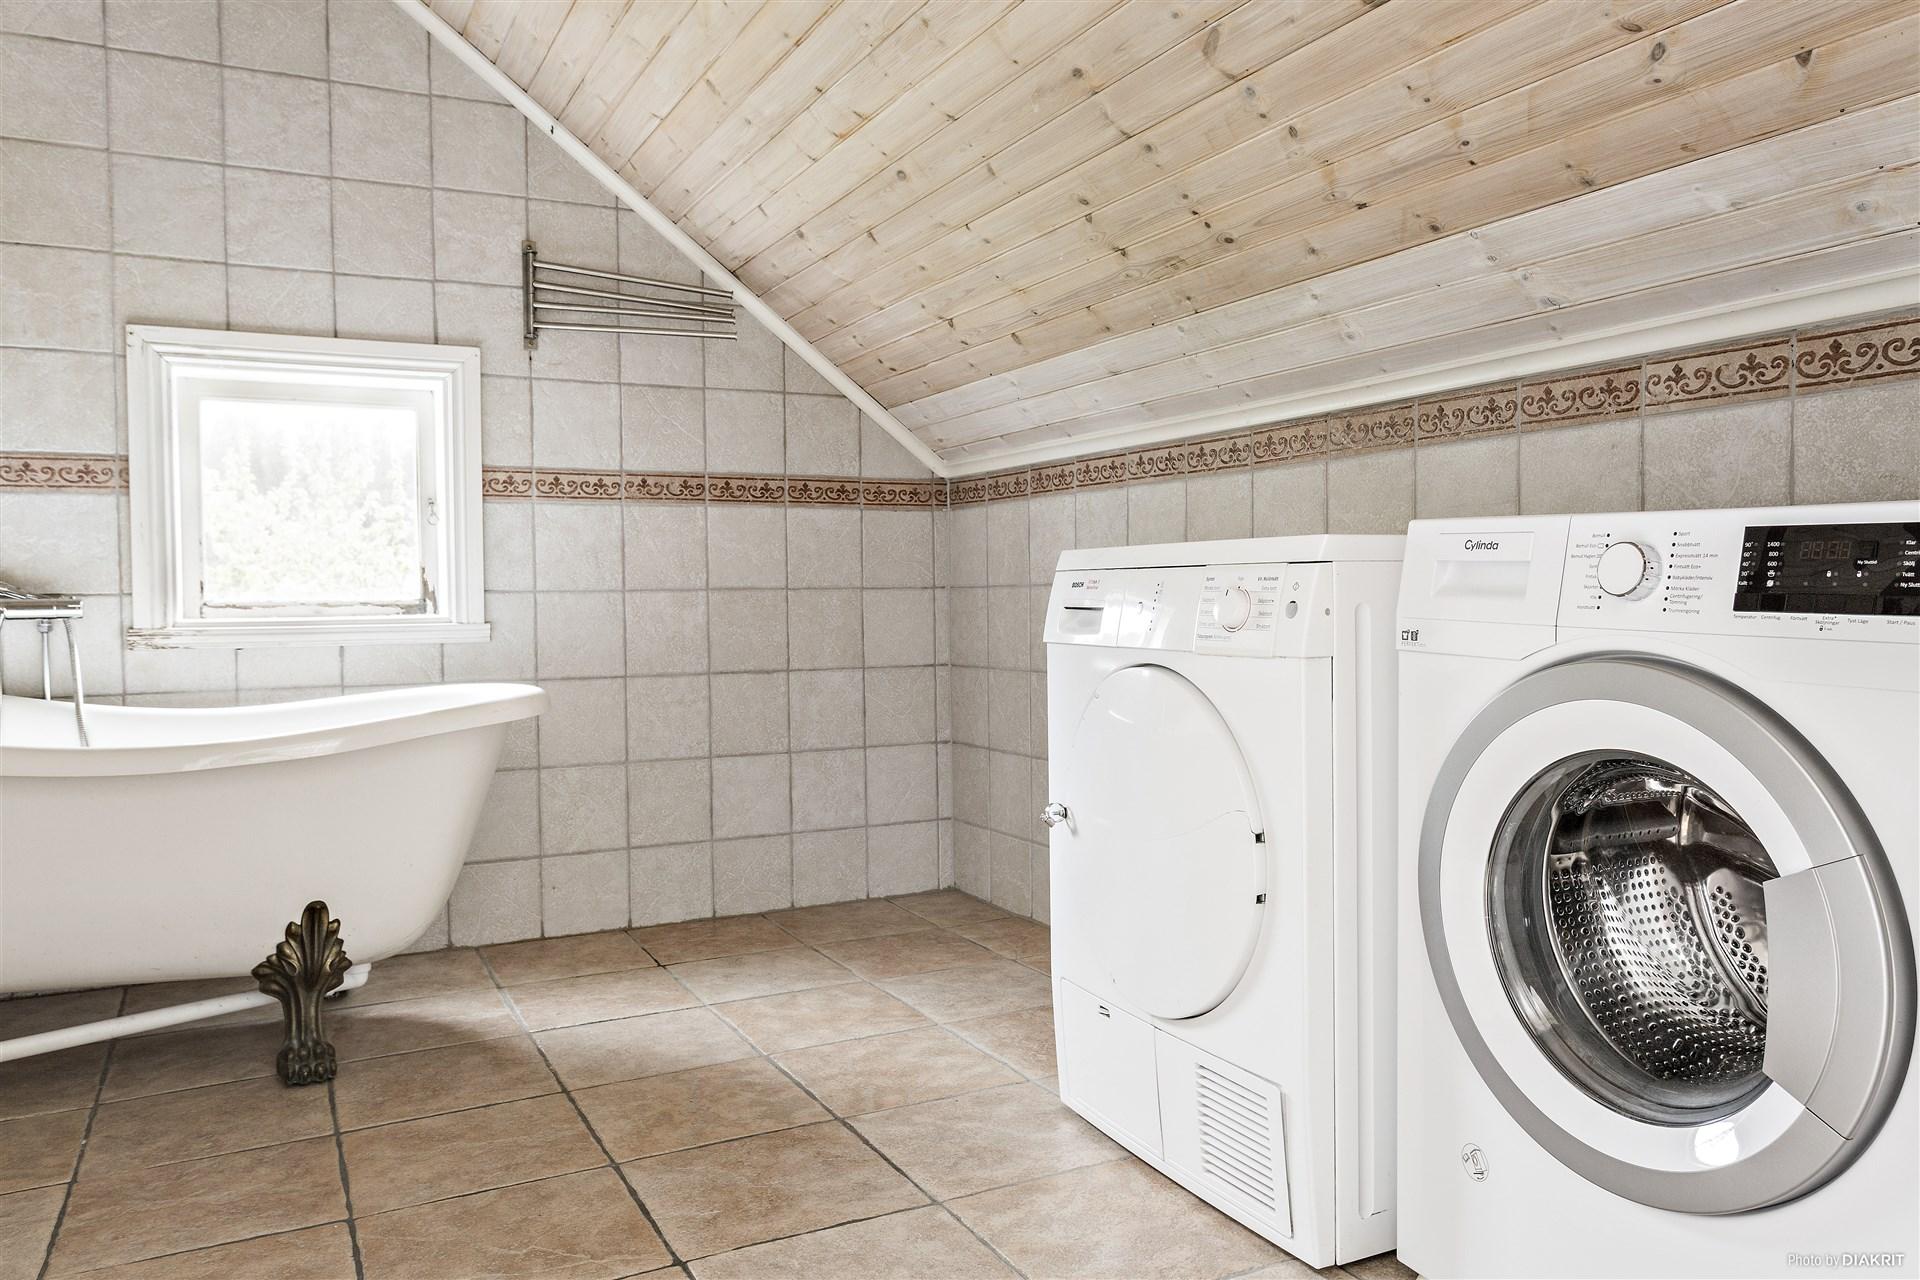 Badrum med klinker och kakel, tvättmaskin, torktumlare och badkar.